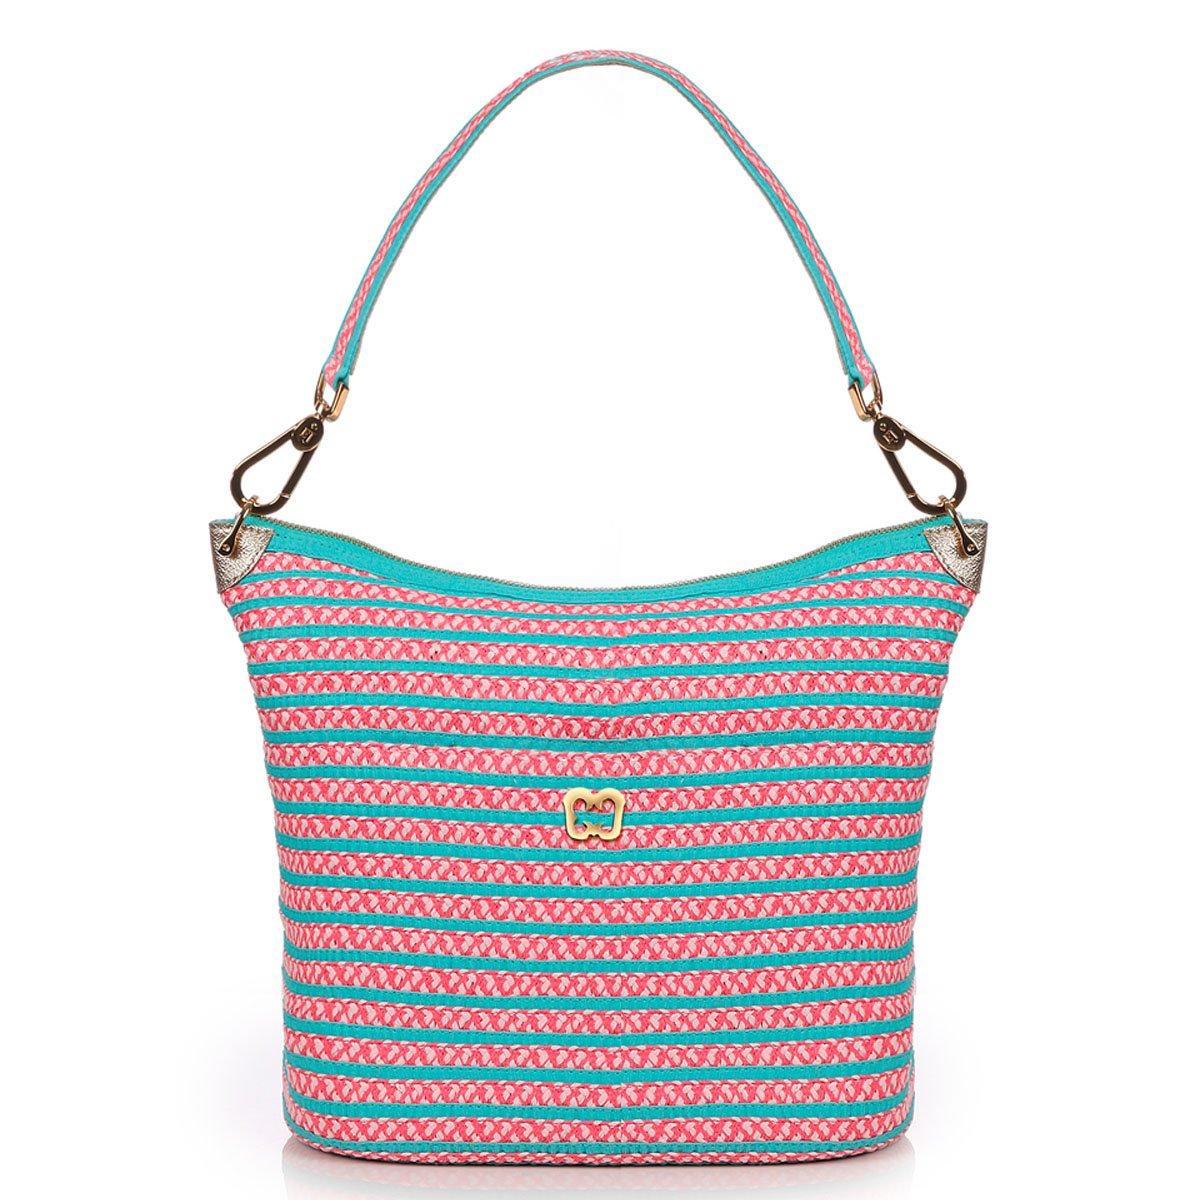 Eric Javits Luxury Fashion Designer Women's Handbag - Dame Brooke - Turq mix